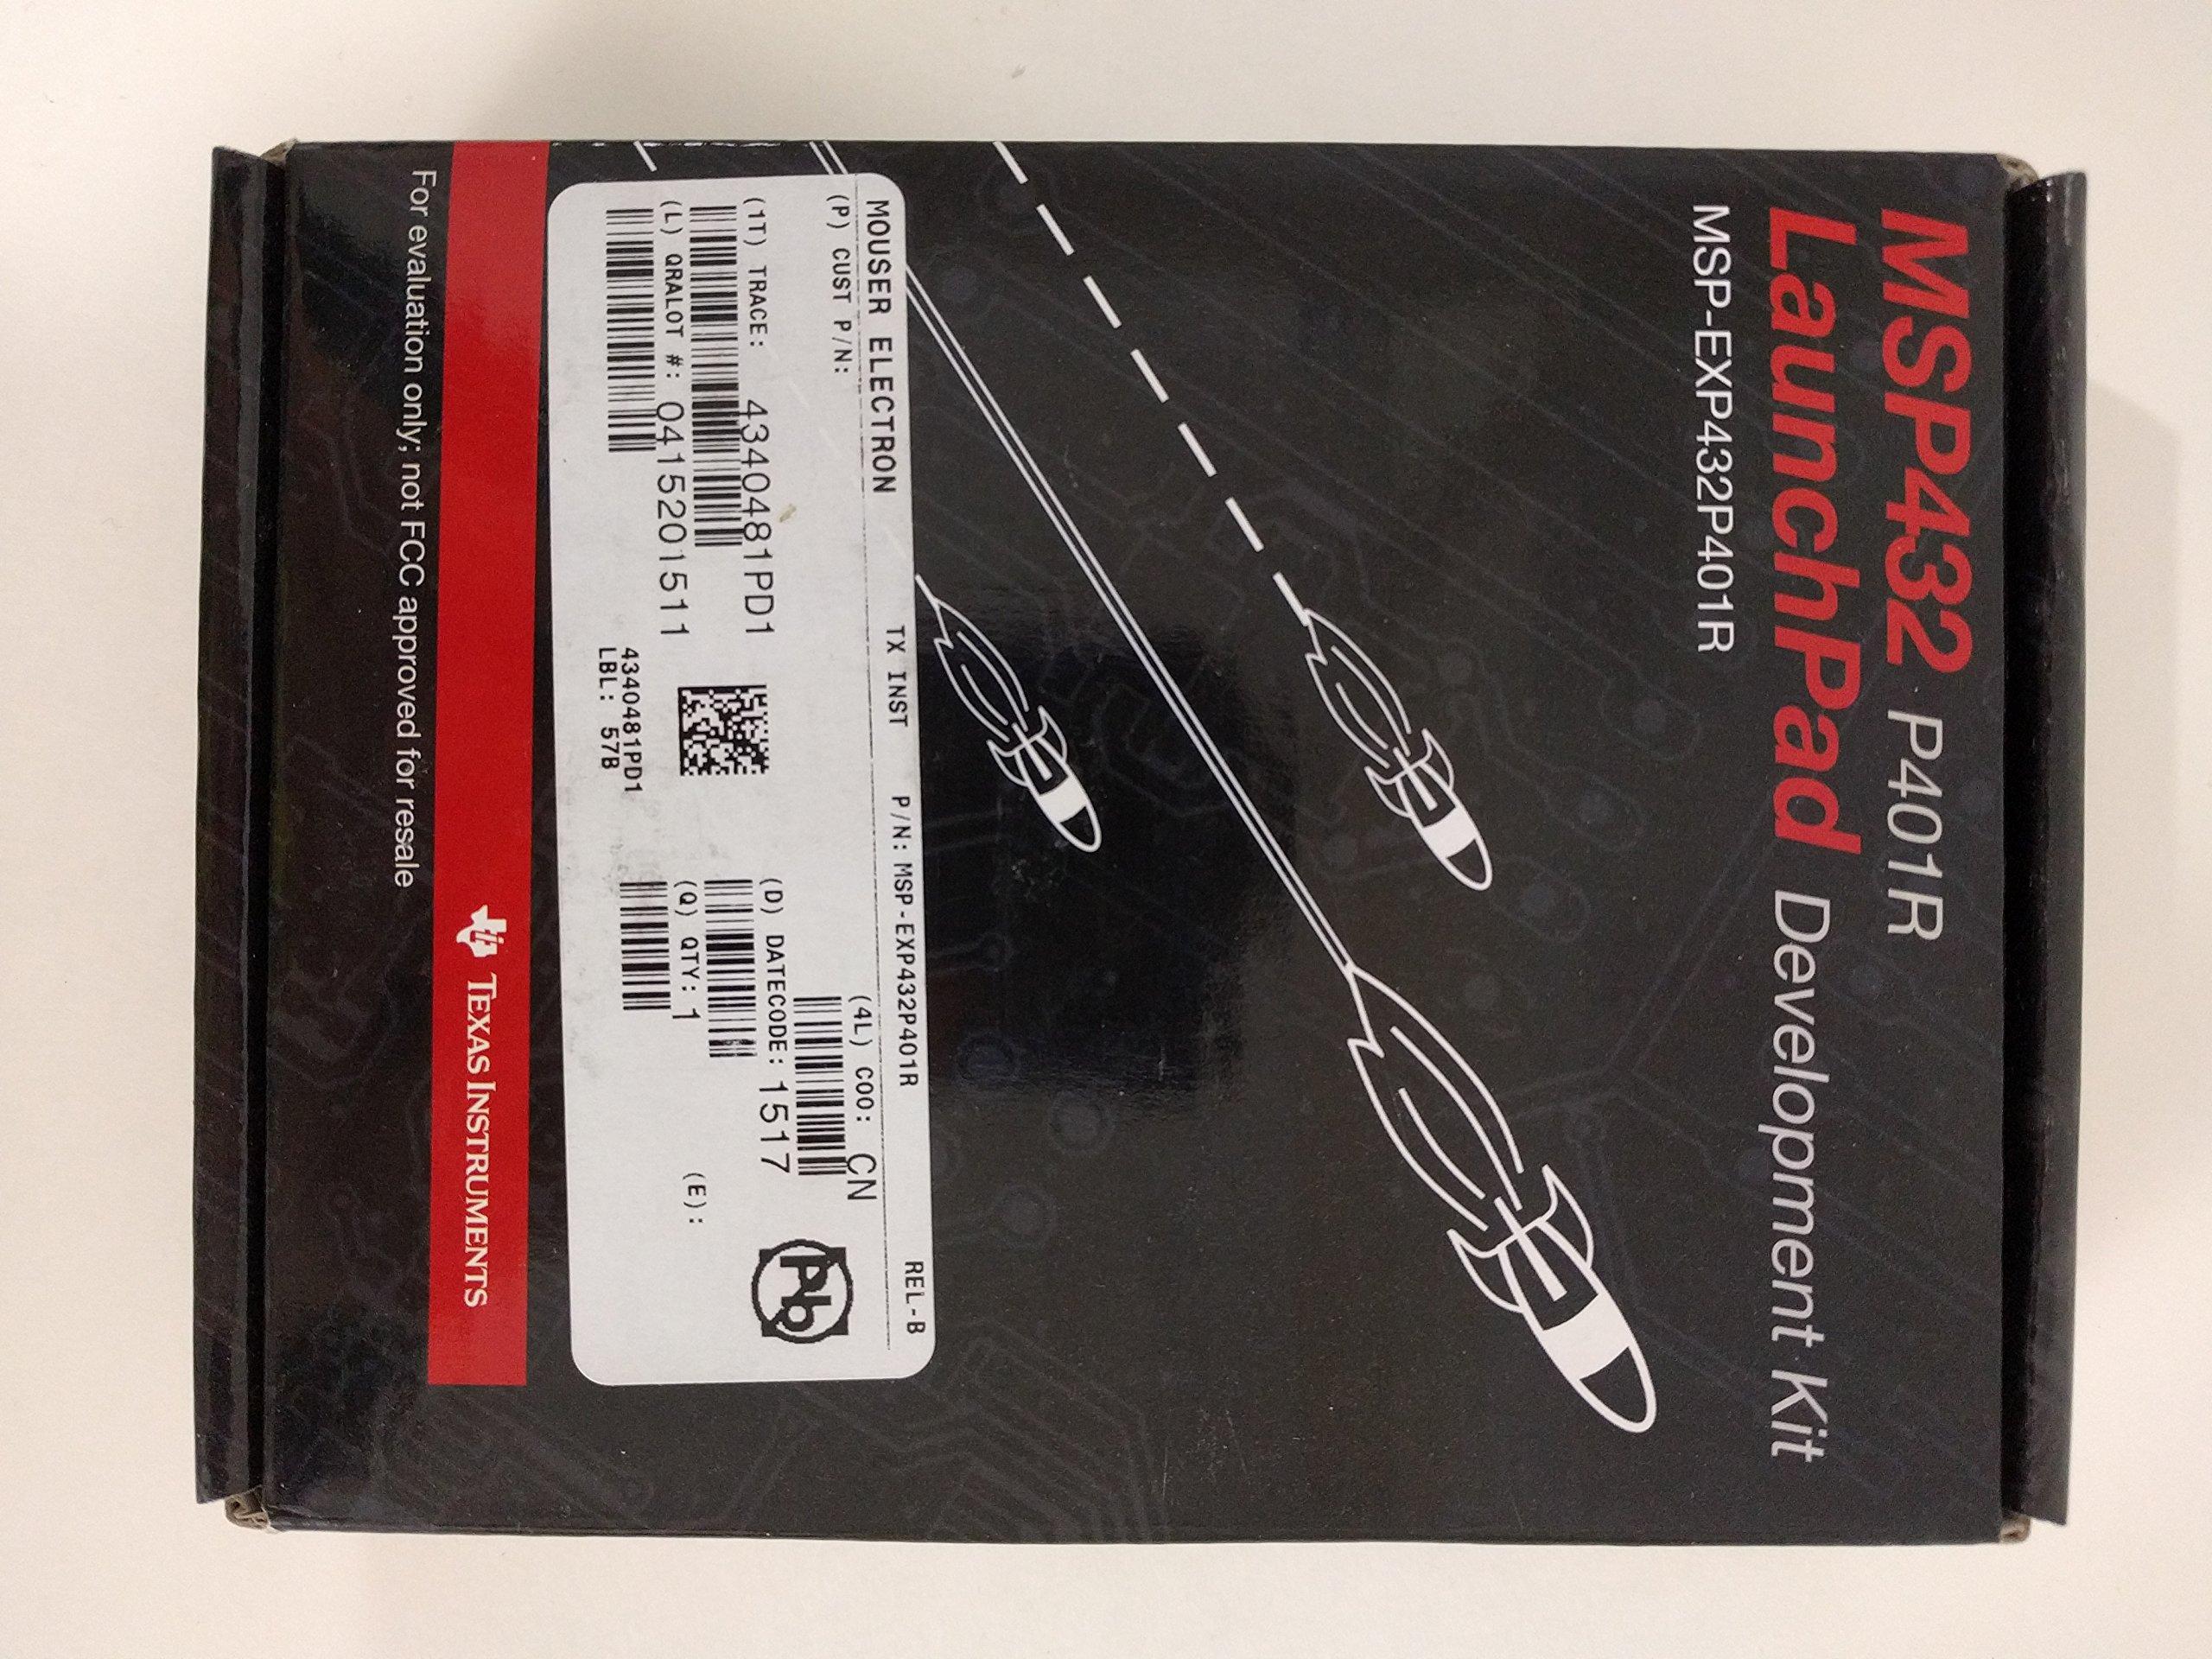 Development Boards & Kits - ARM MSP432 401R - MSP432P401R LaunchPad